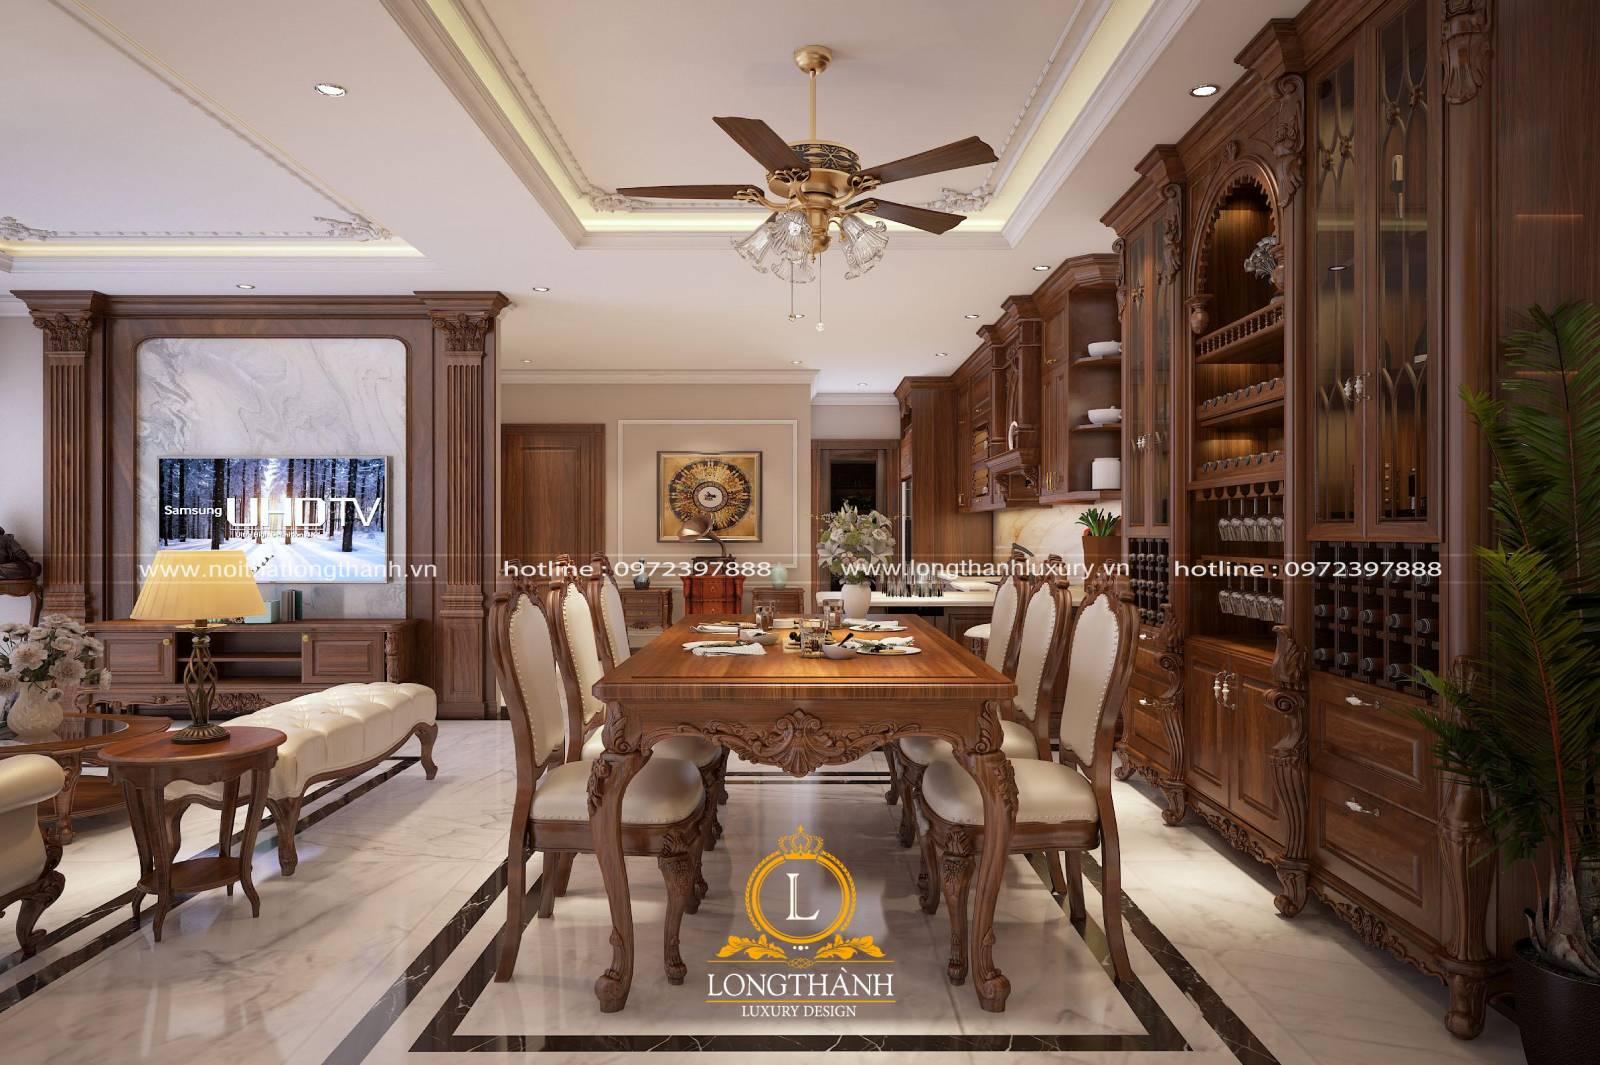 Mẫu bàn ăn gỗ Sồi đẹp cho không gian phòng bếp ấm cúng lộng lẫy